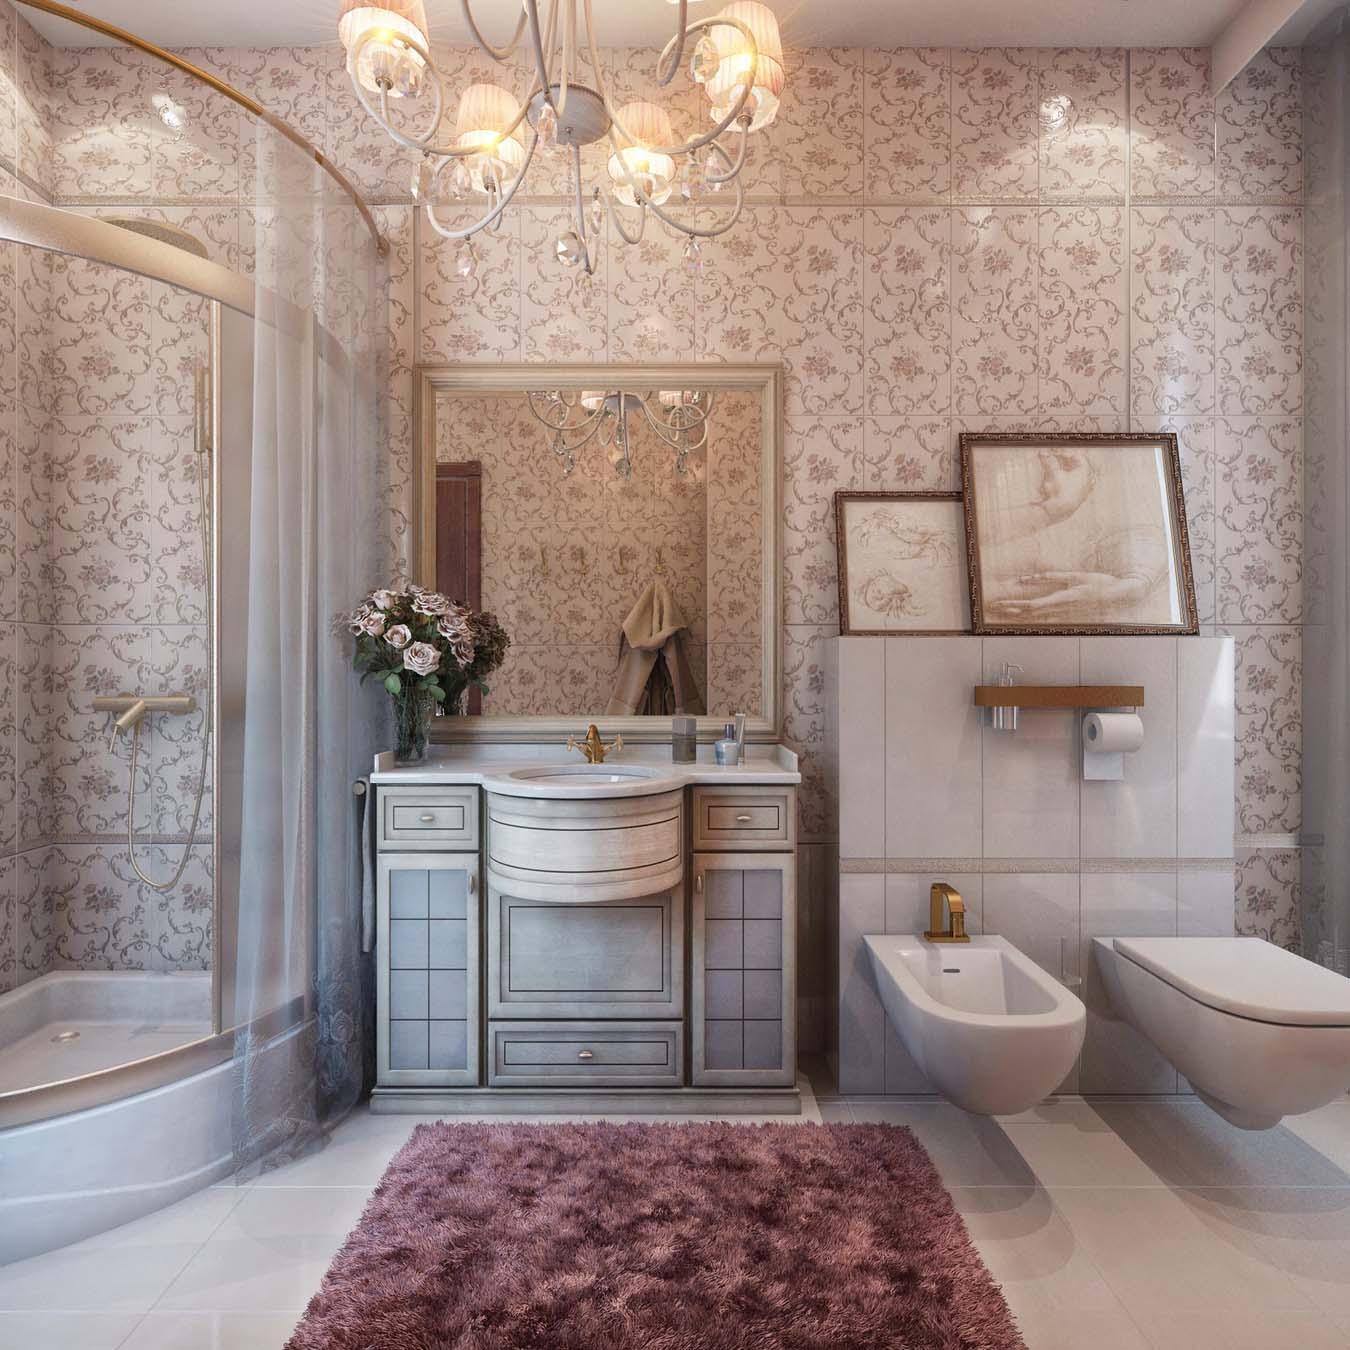 Ванная комната классическая совмещенная с туалетом